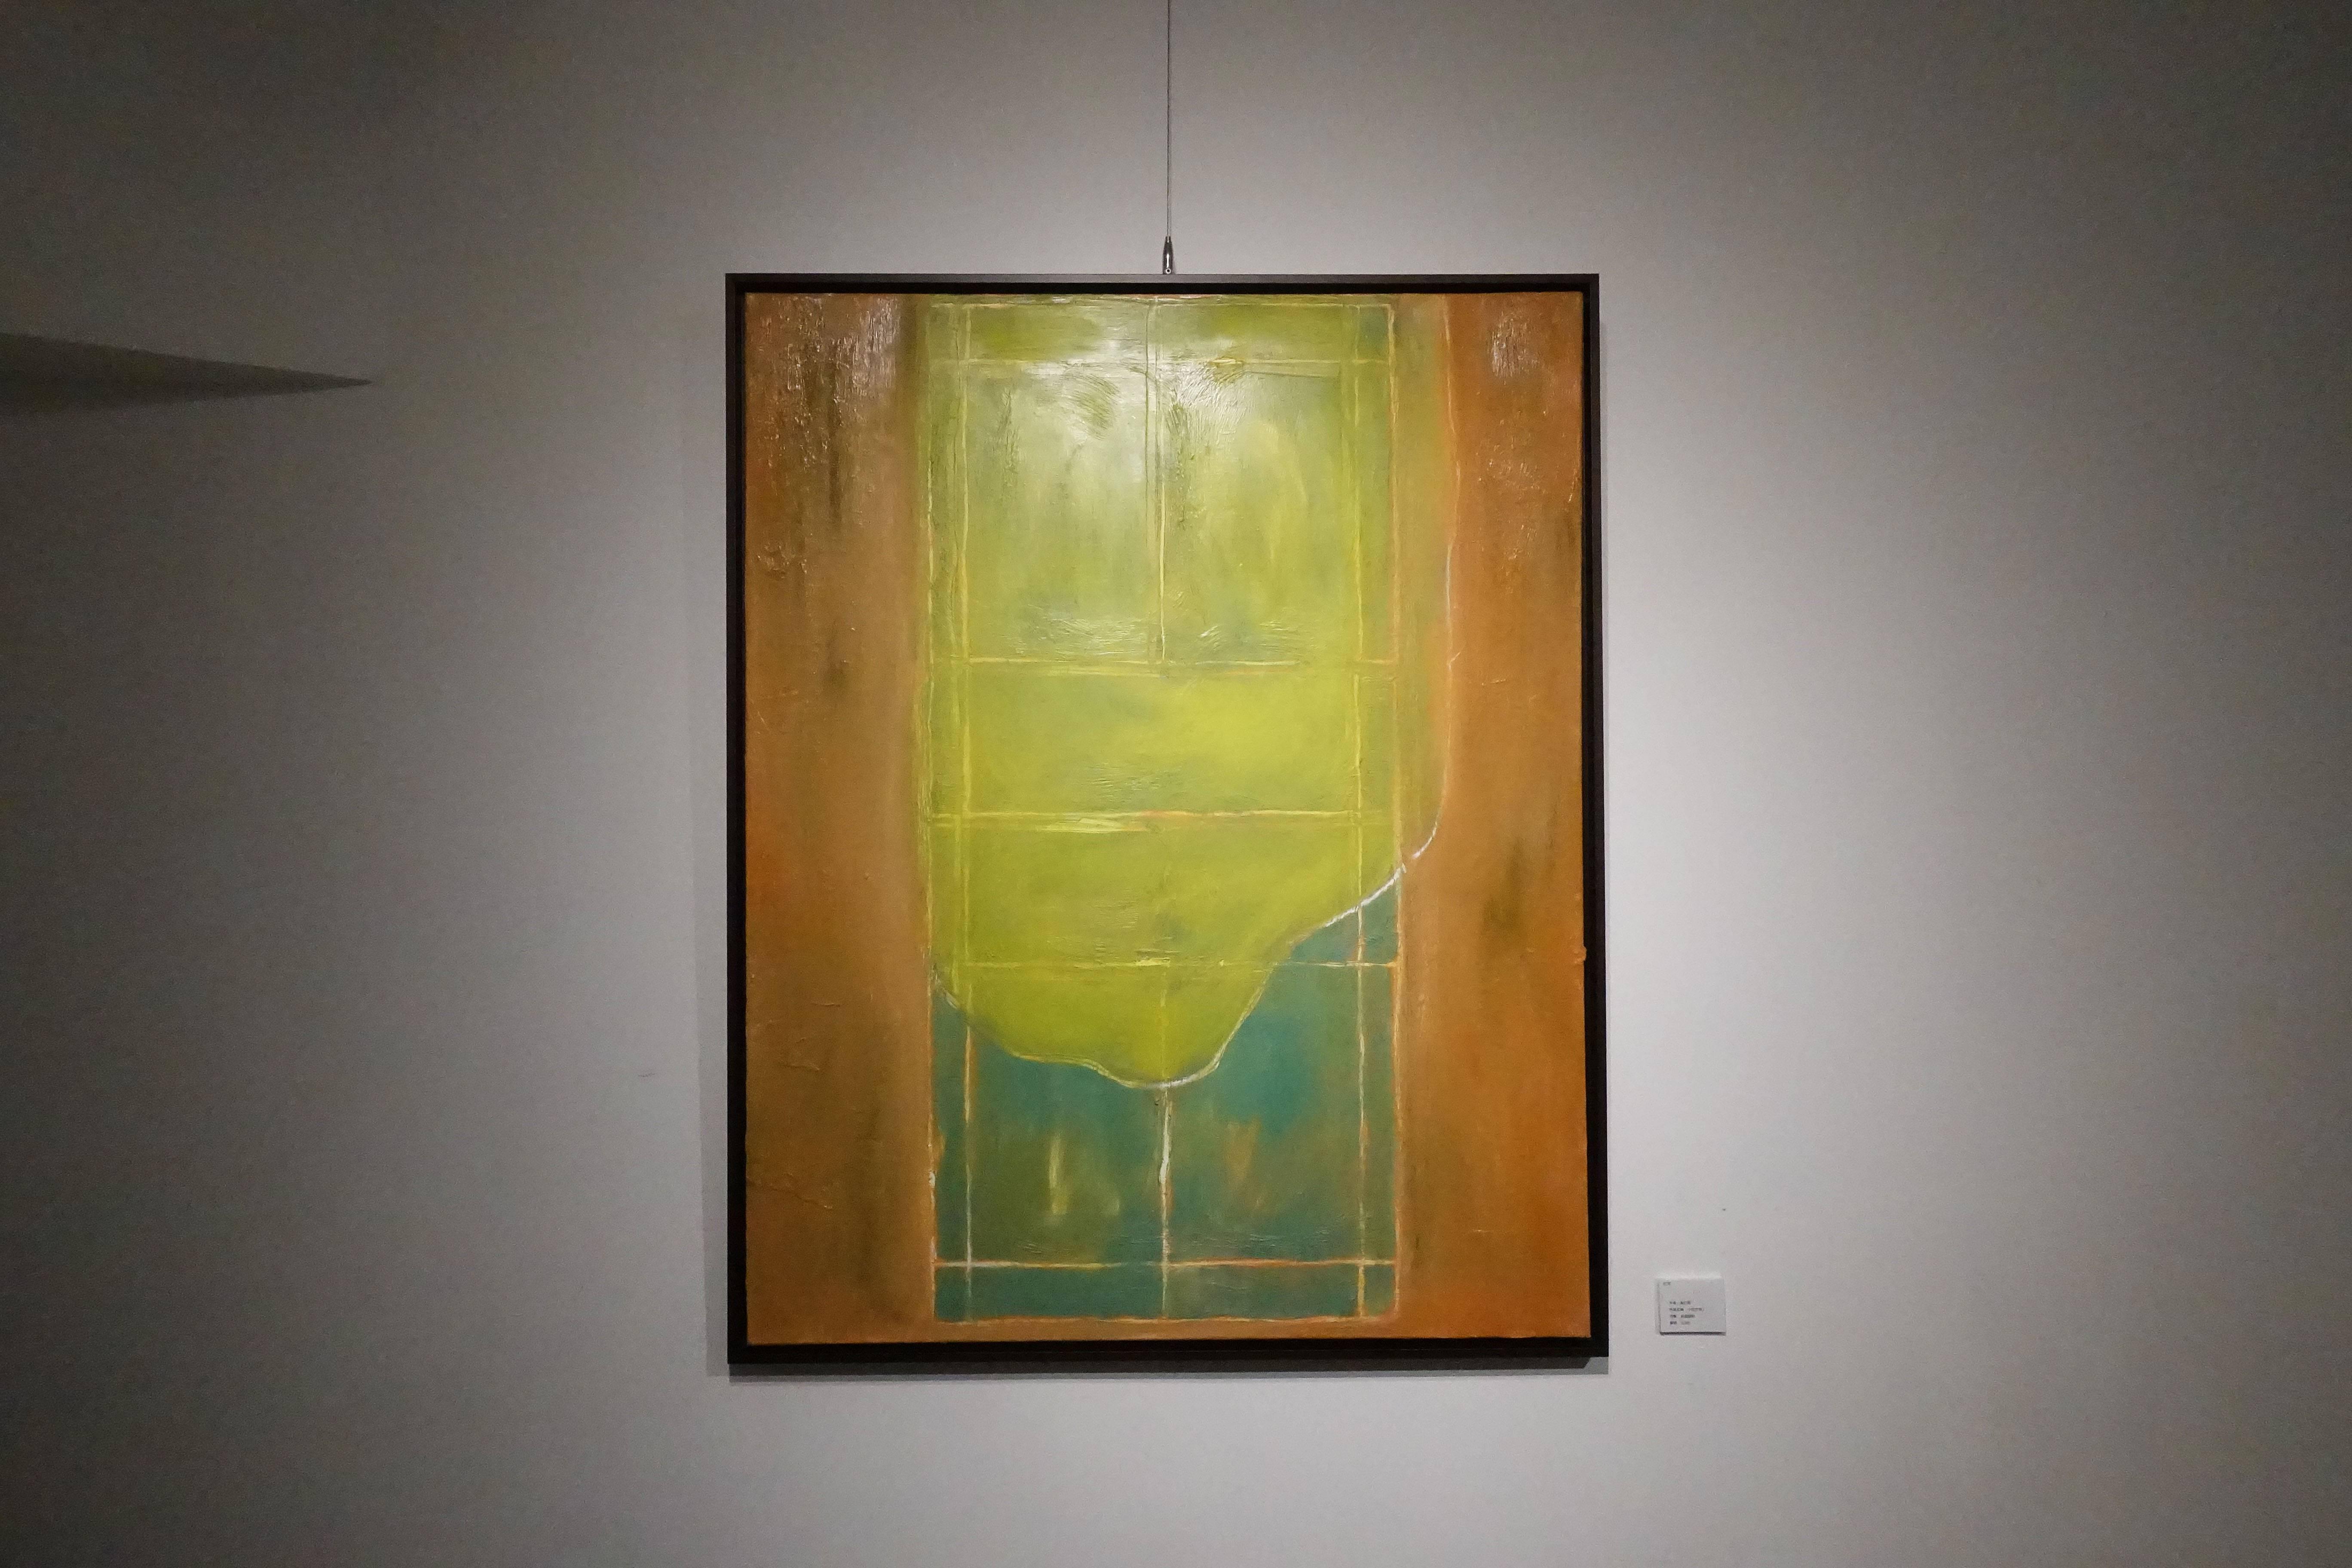 黃怡華,《中間立場I》,油畫顏料,2018。